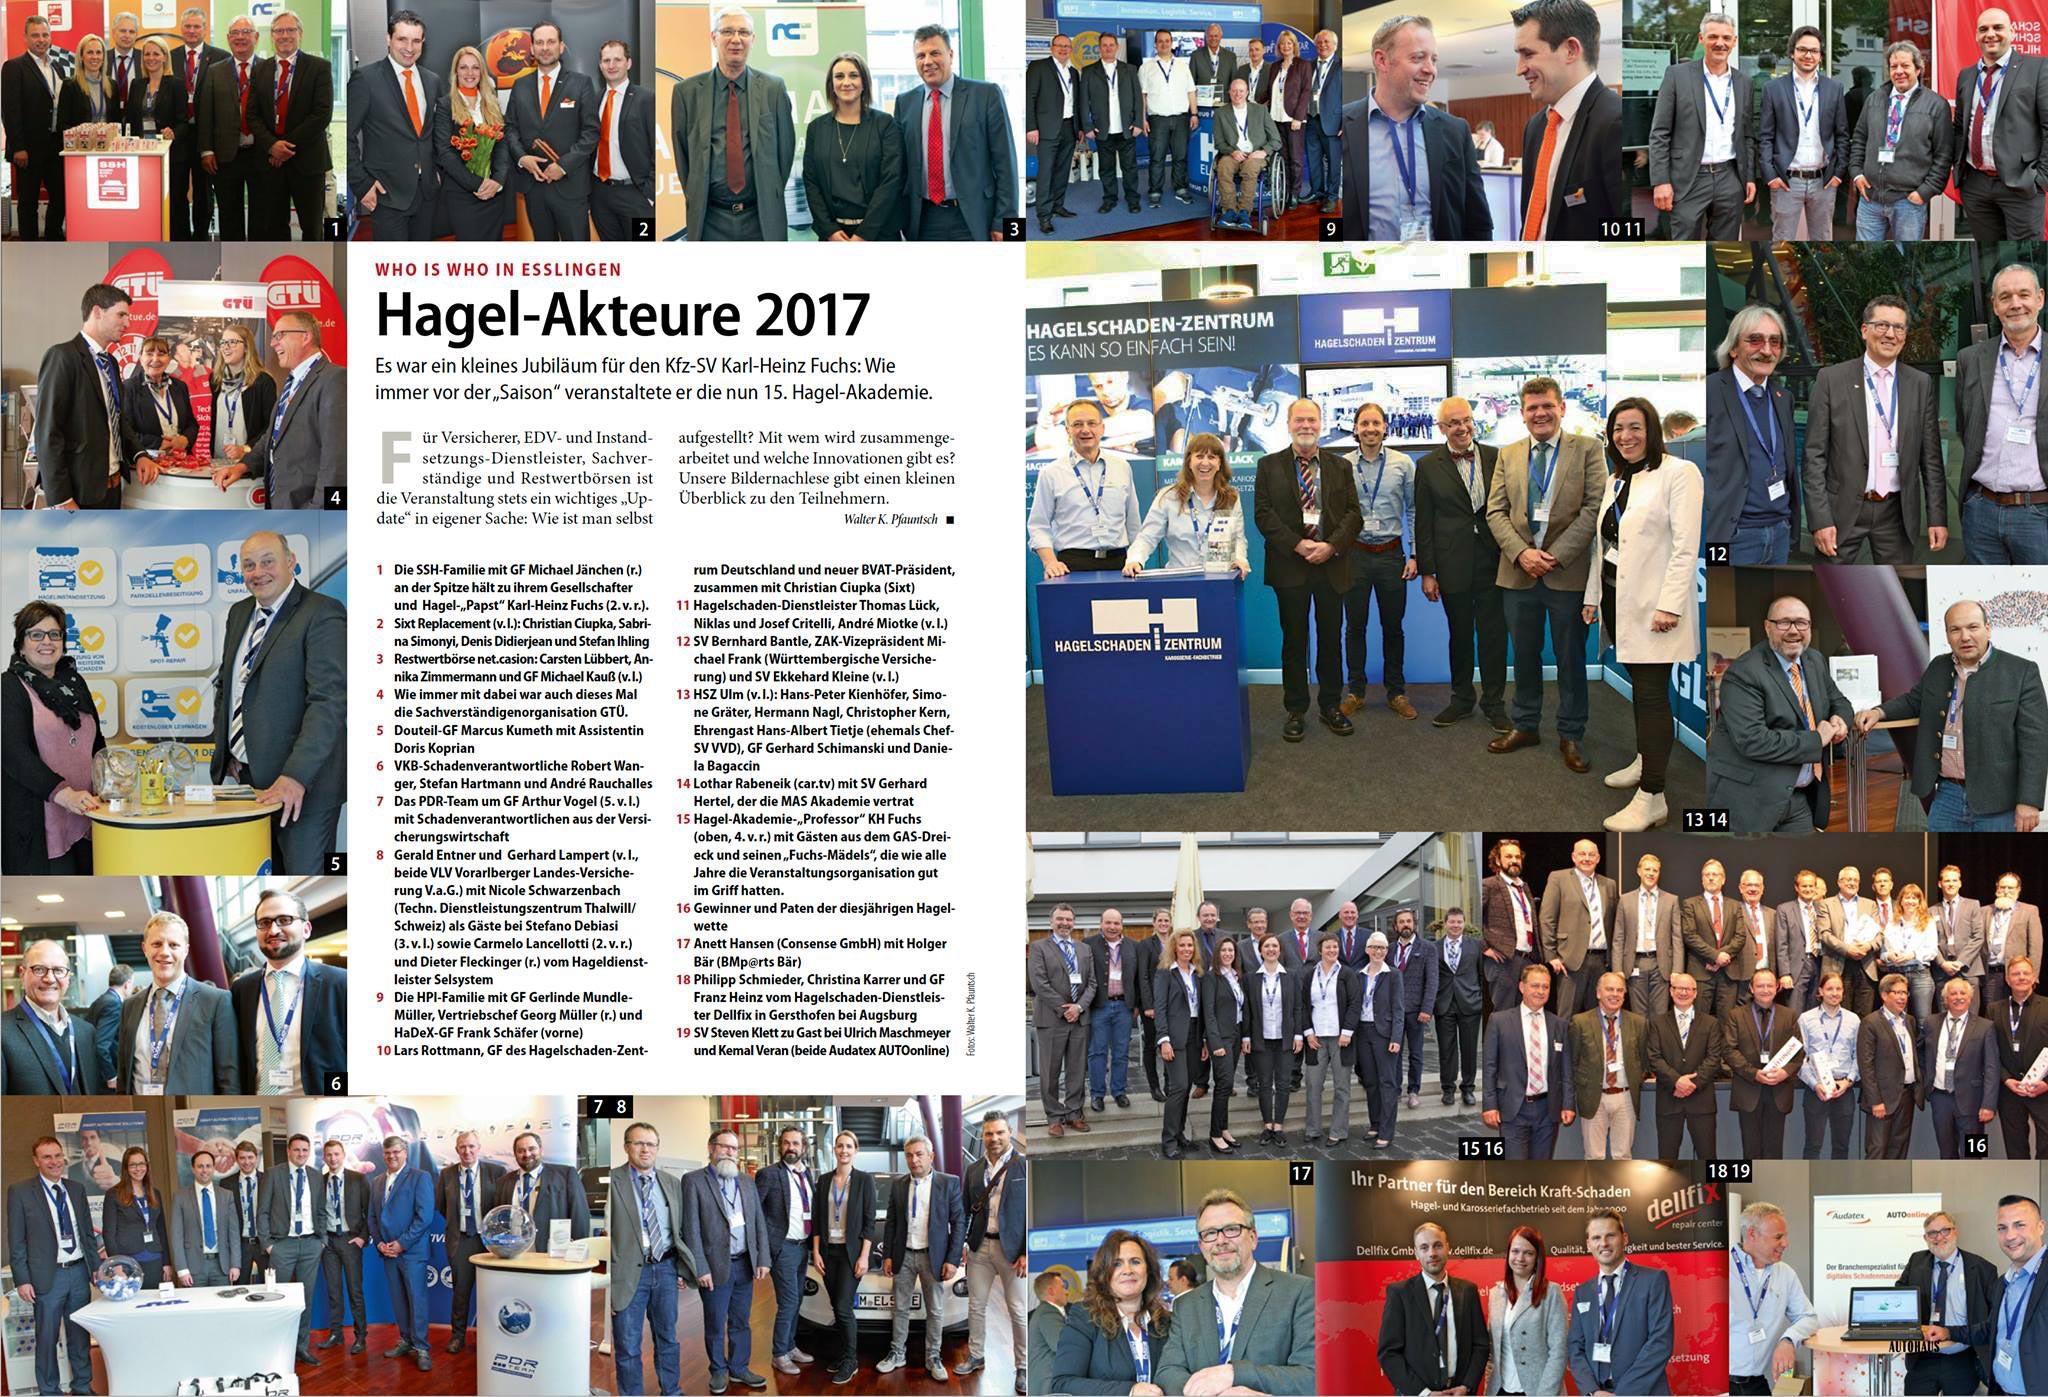 hsz-news-hagel-akademie-dellen-instandsetzung-und-reparatur-profis-bericht-autohaus-magazin-2017